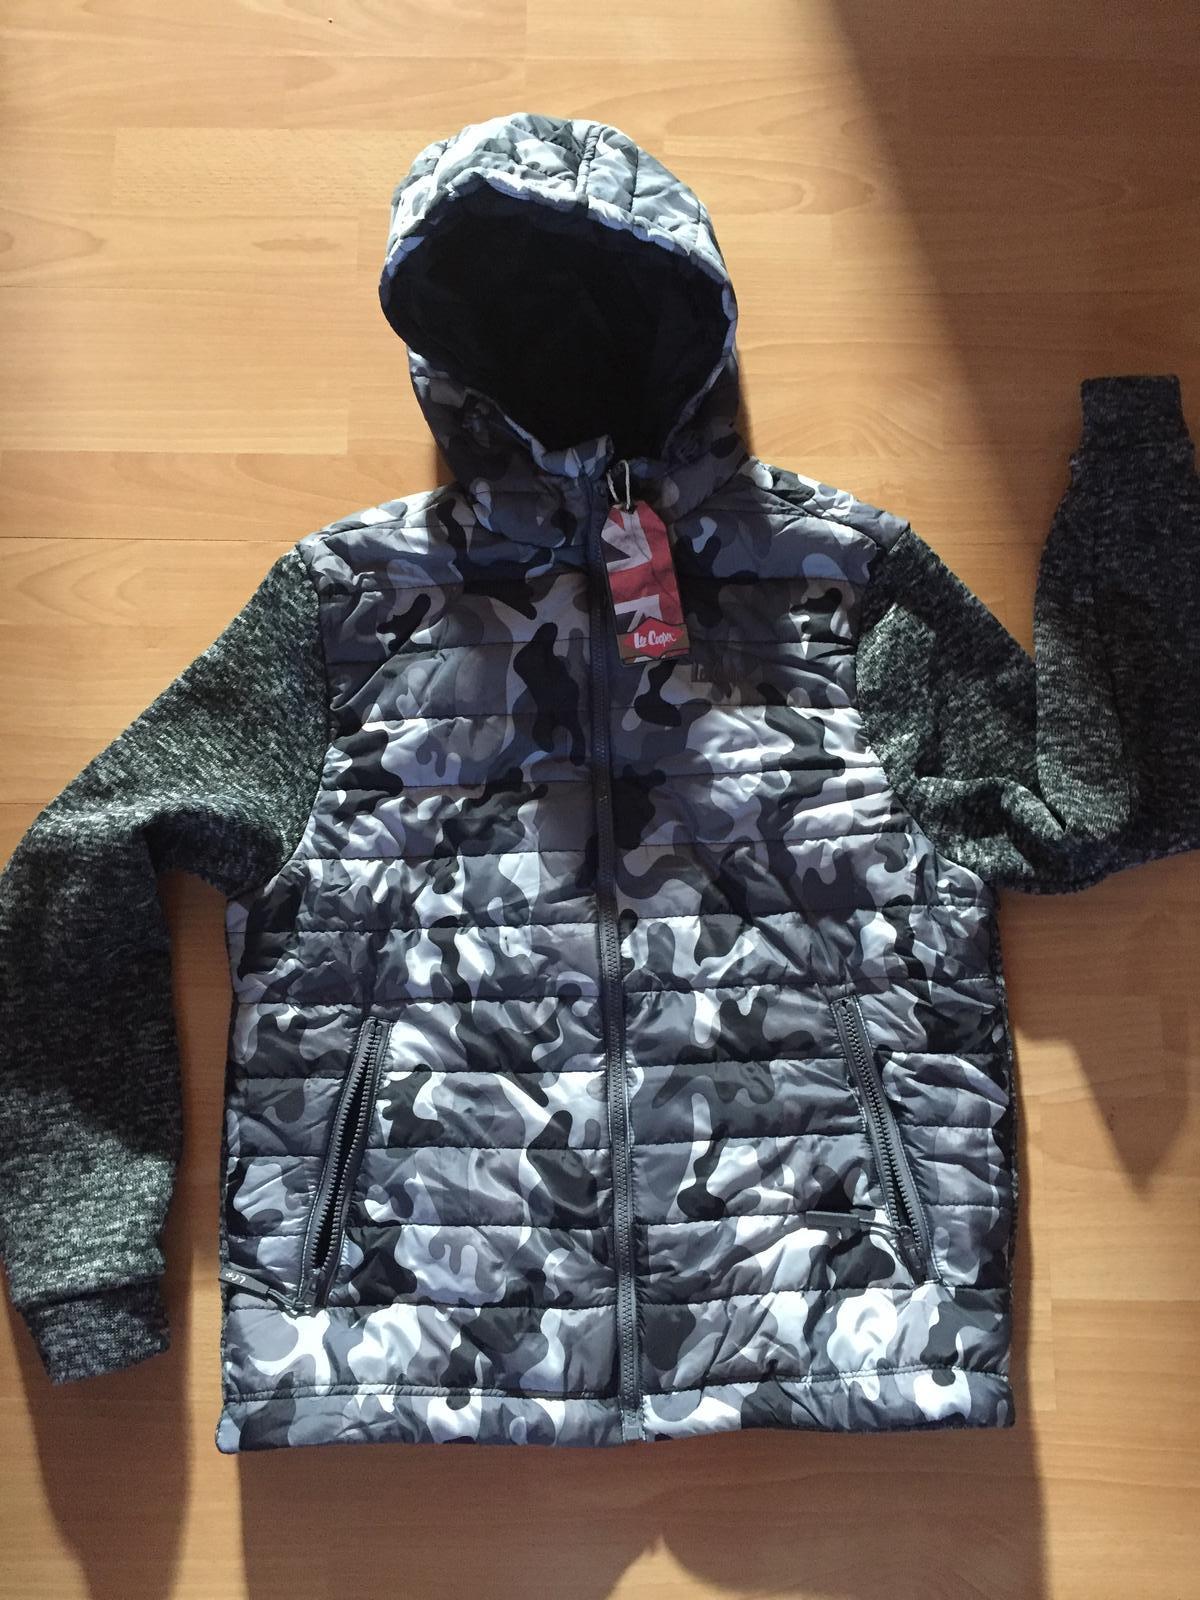 ff2357c01 Panska bunda lee cooper maskacova, lee cooper,m - 20 € od predávajúcej  5laci14   Detský bazár   ModryKonik.sk